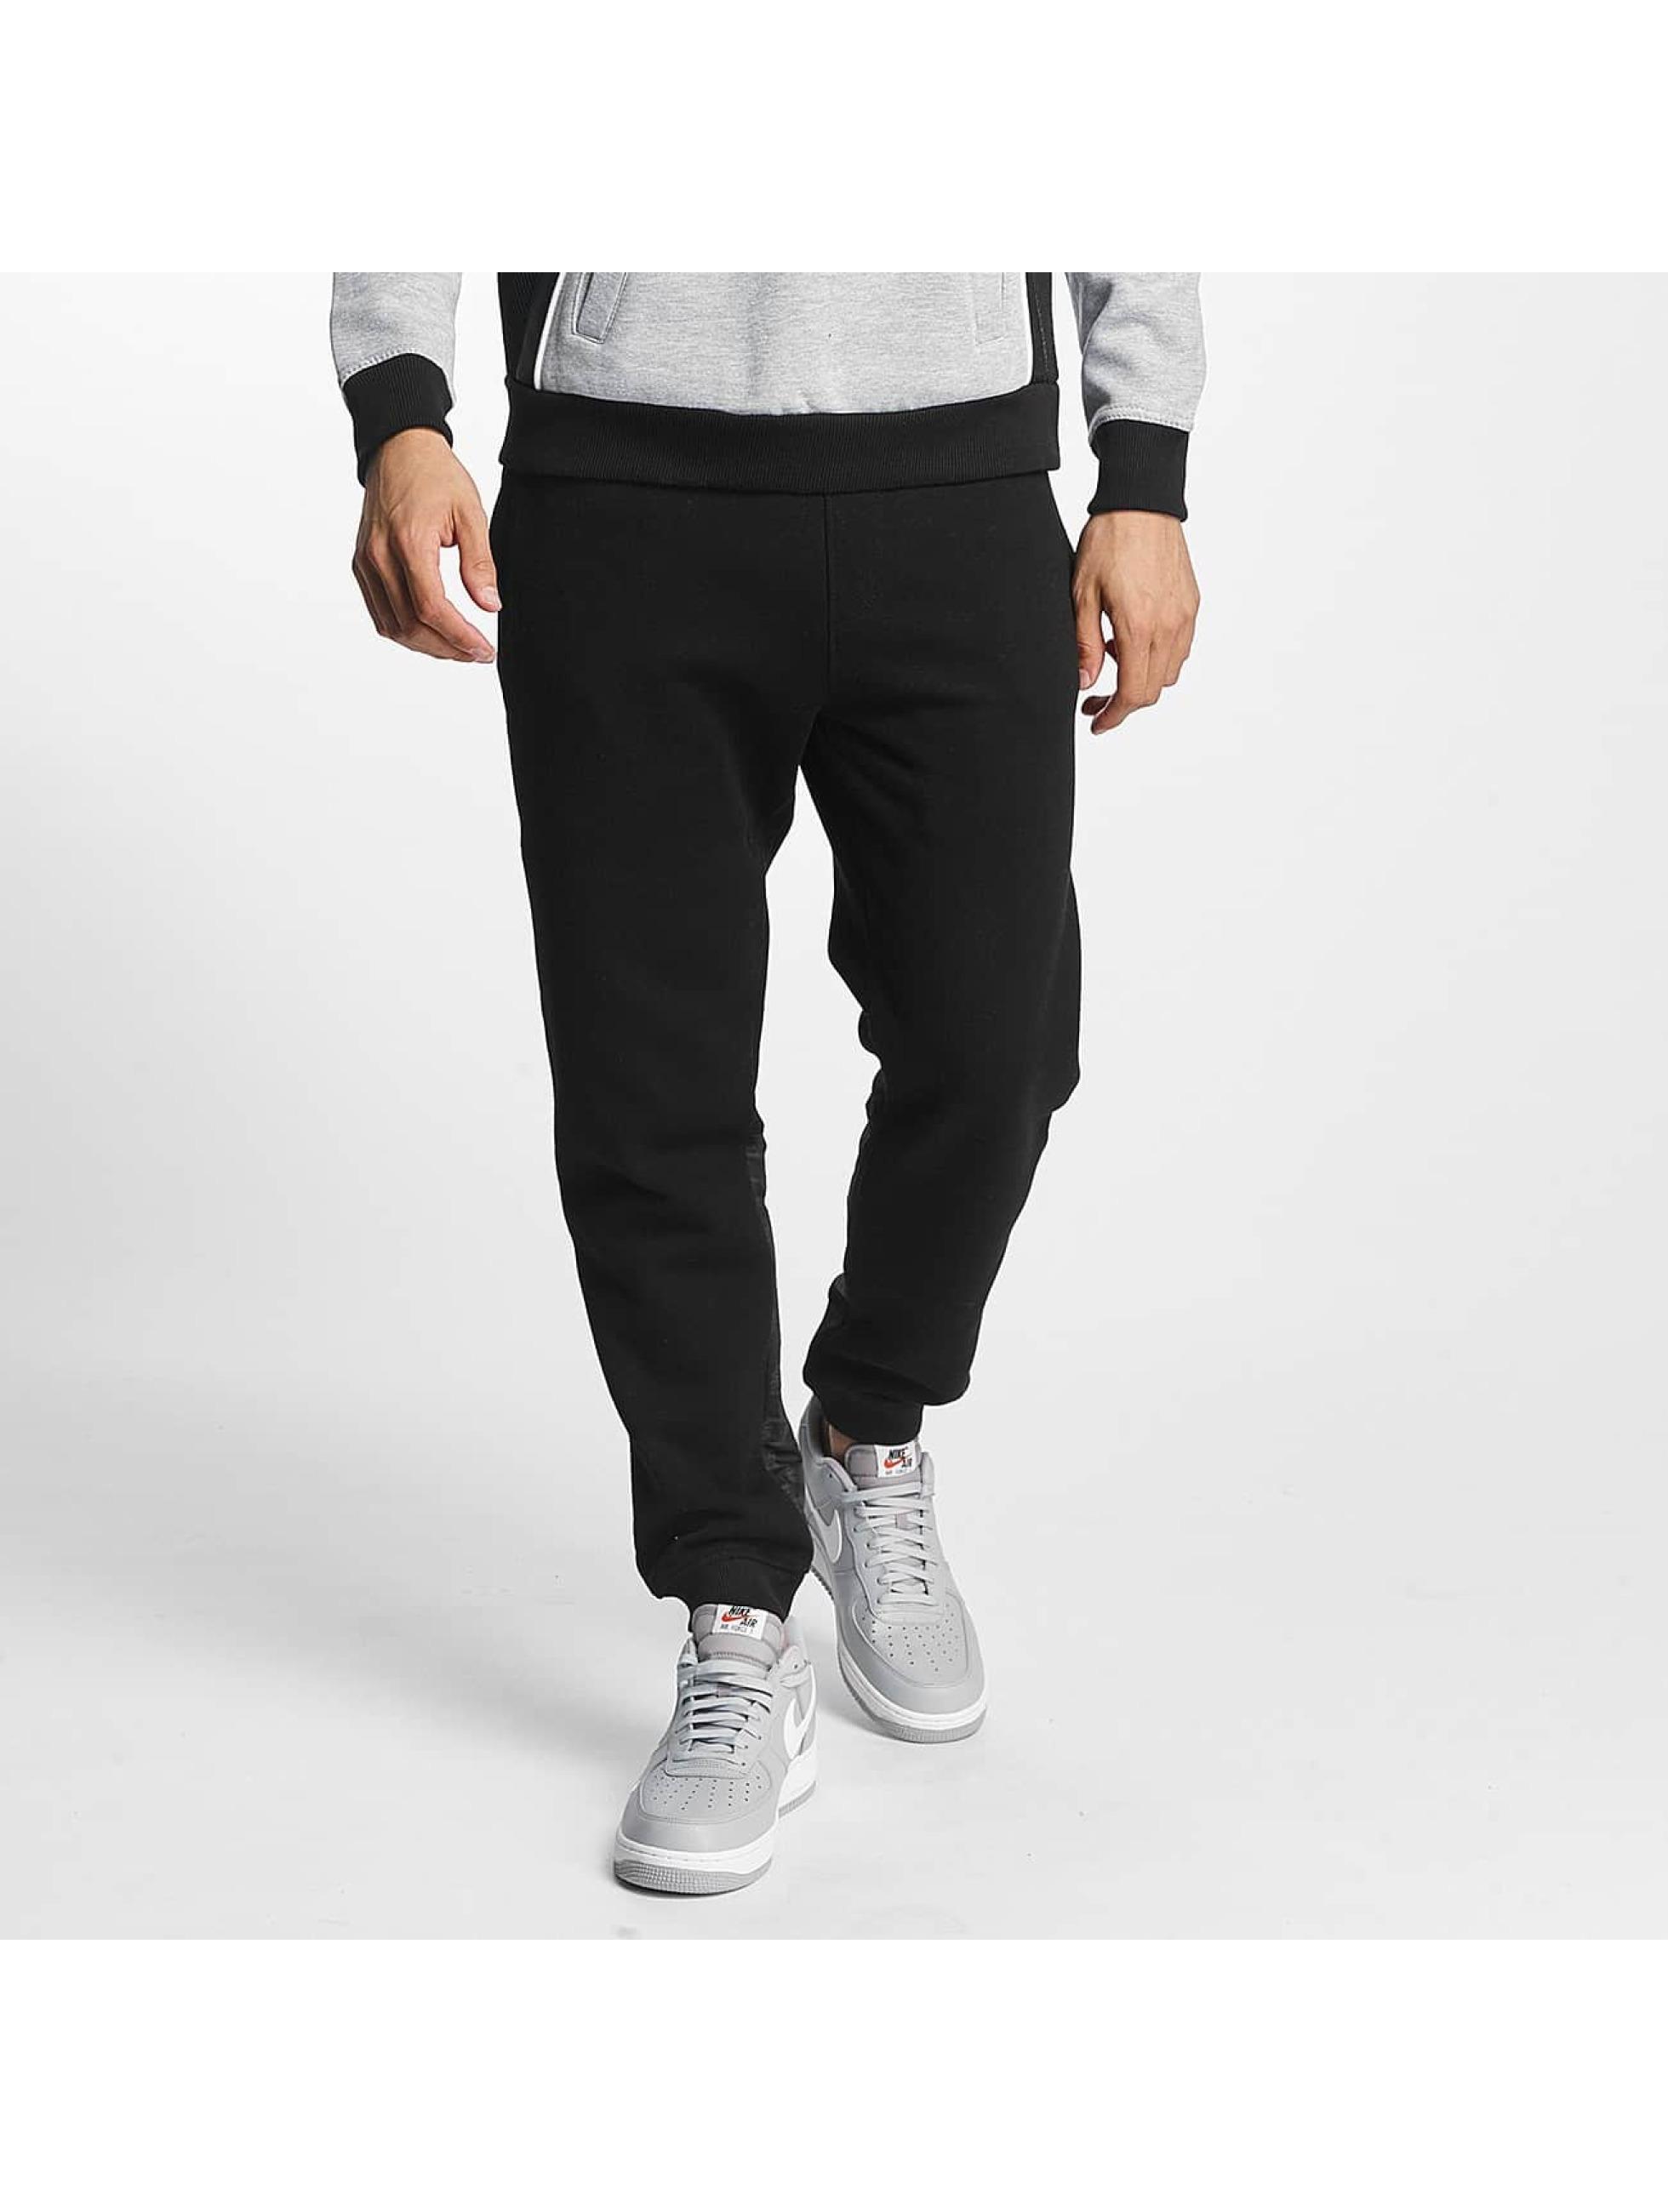 Dangerous DNGRS / Sweat Pant Richeater in black 5XL